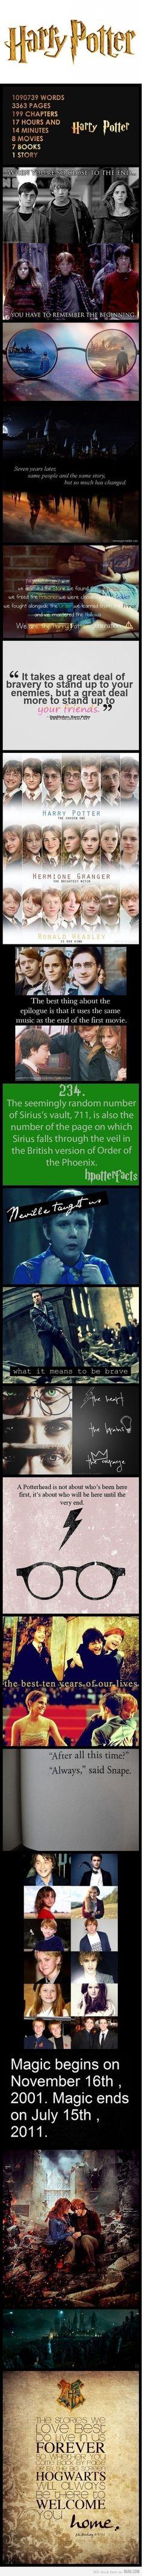 Harry Potter Forever!!!